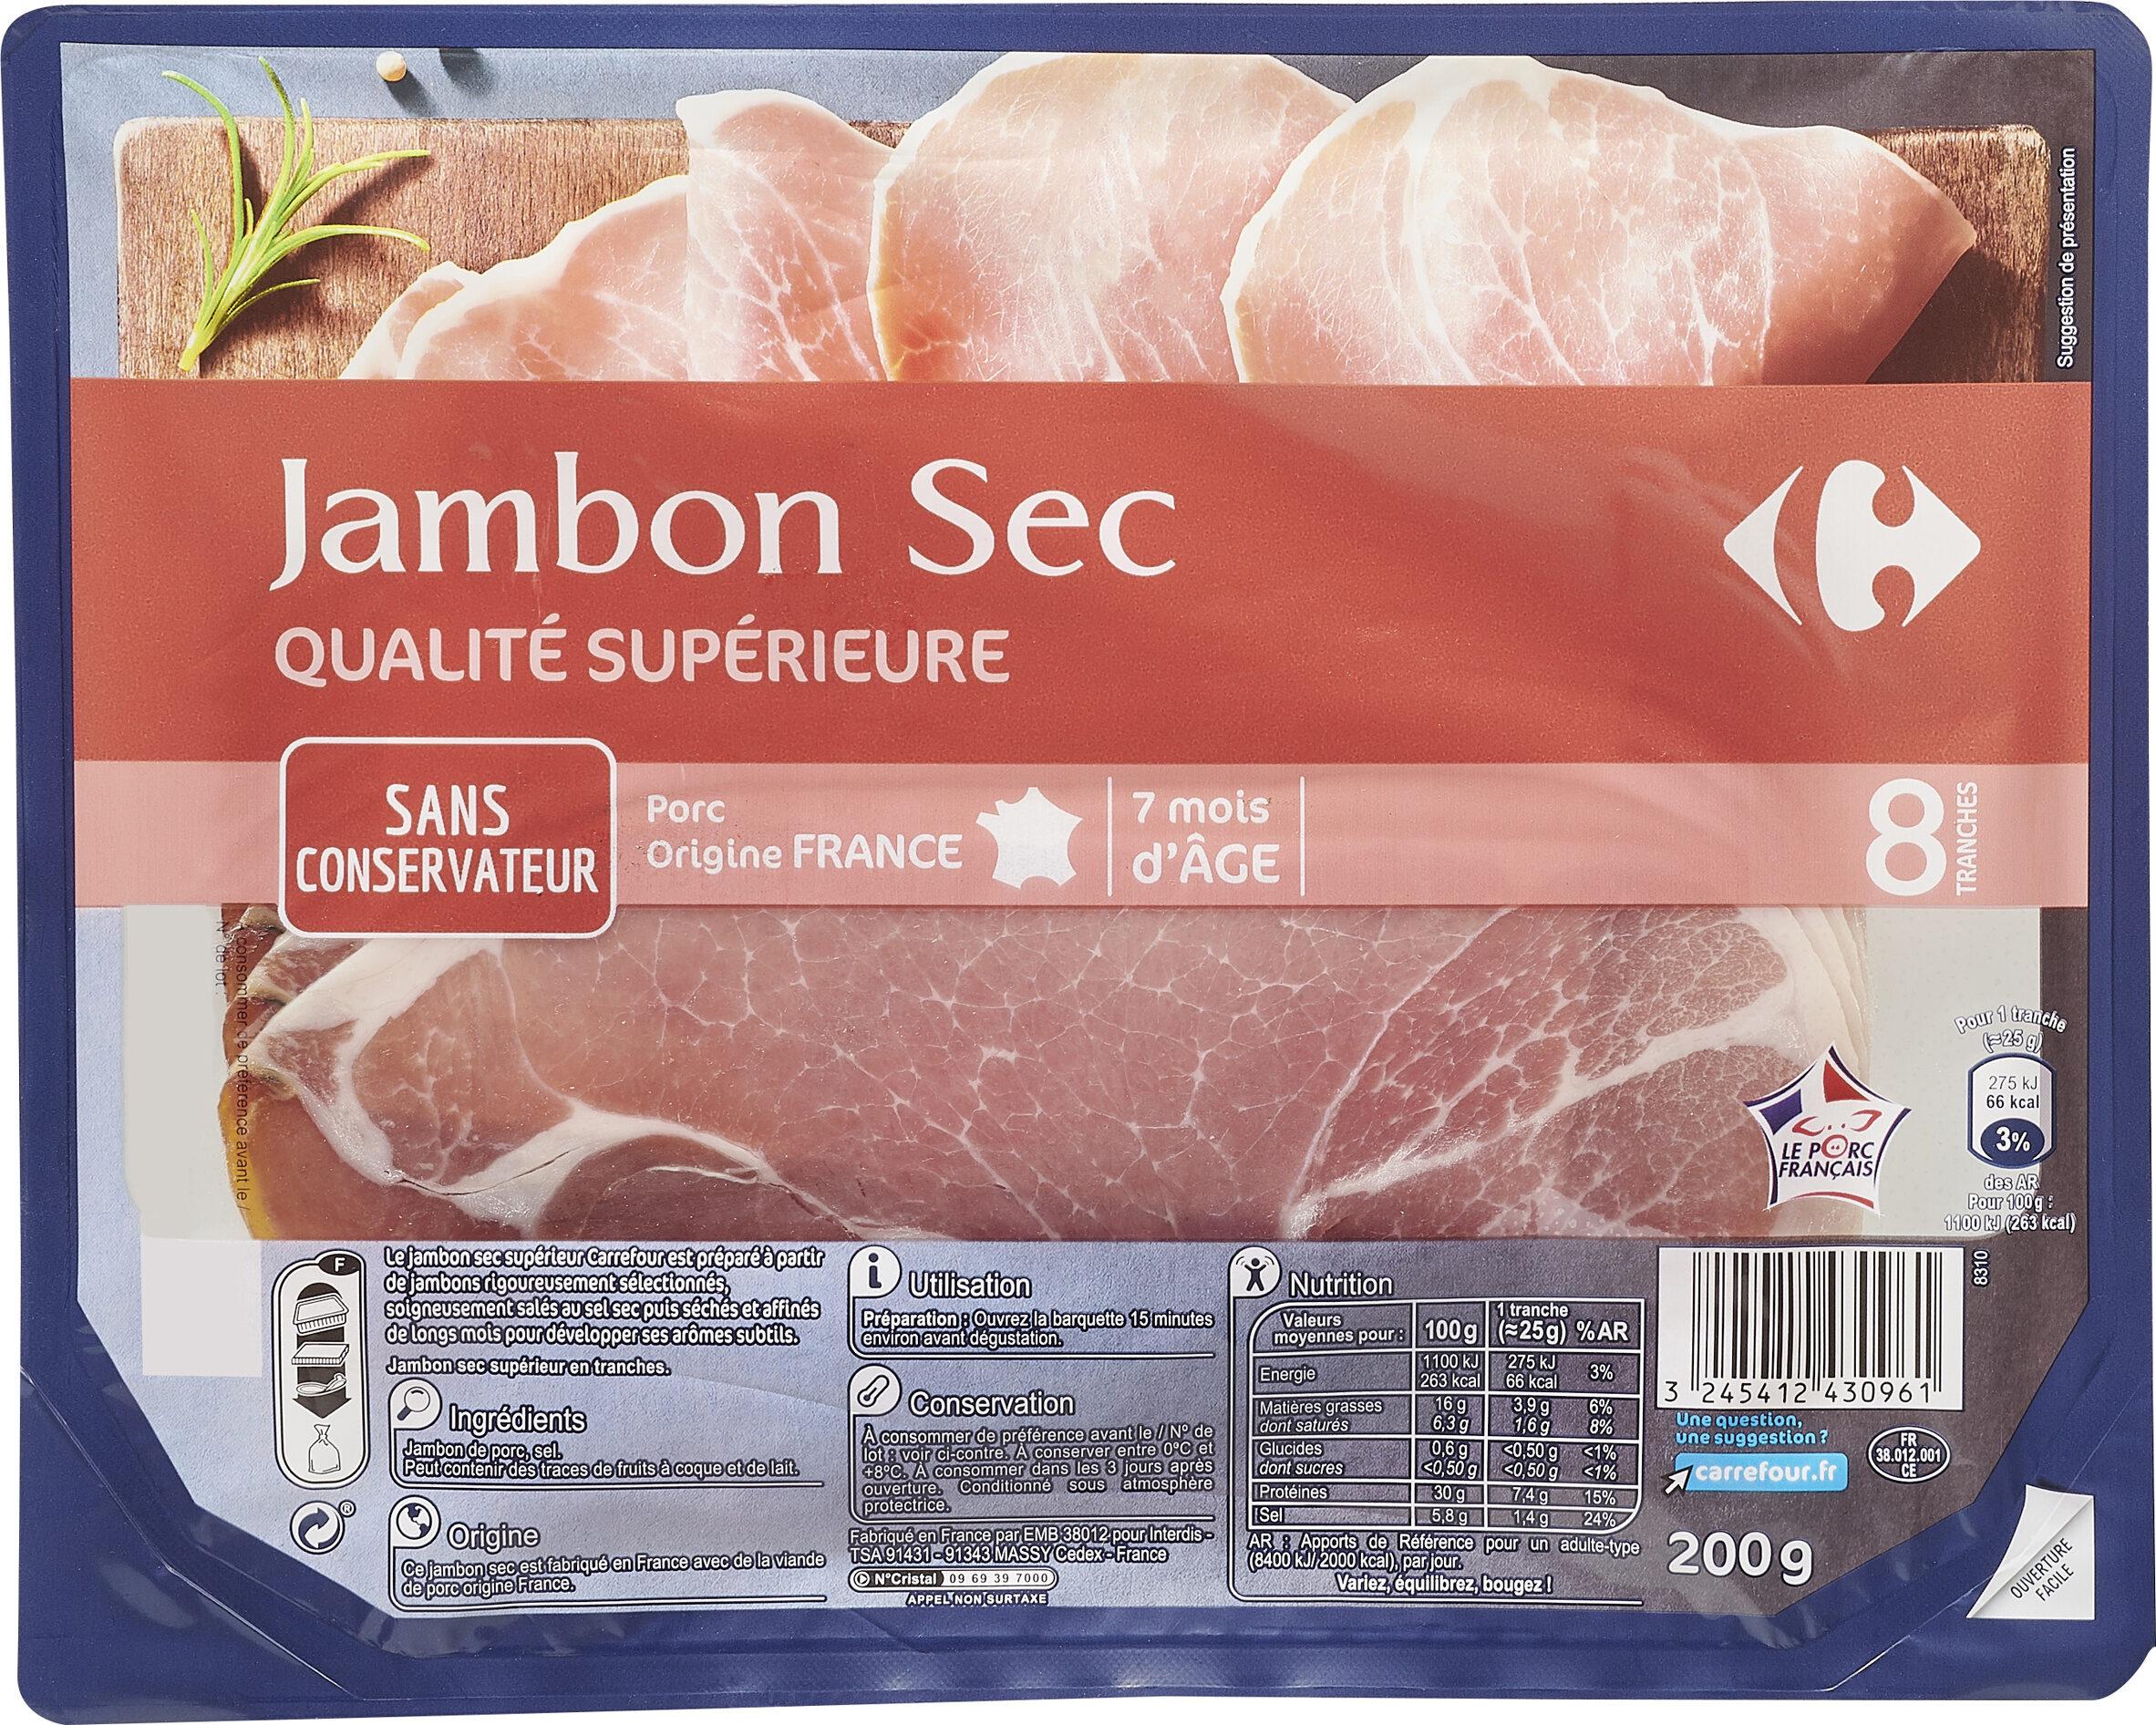 Jambon sec  Qualité supérieure - Prodotto - fr